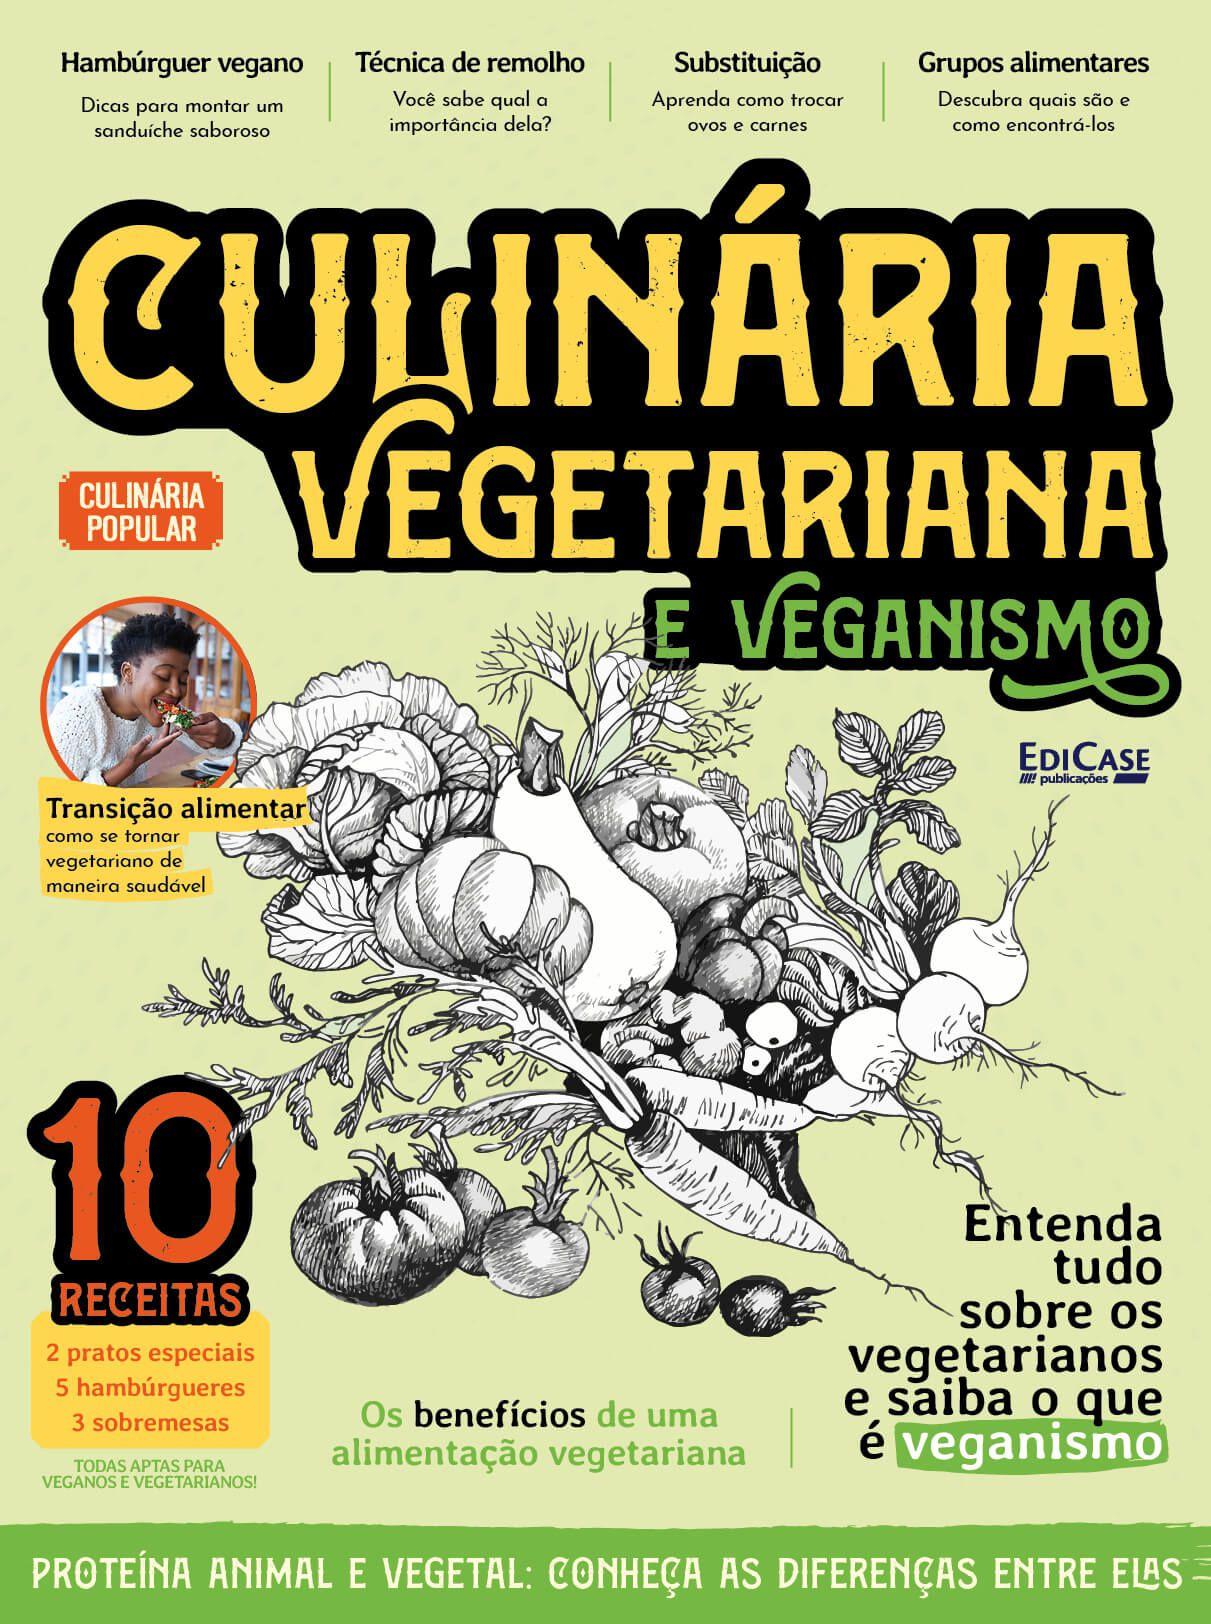 Culinária Popular Ed. 08 - Culinária Vegetariana e Veganismo  - EdiCase Publicações